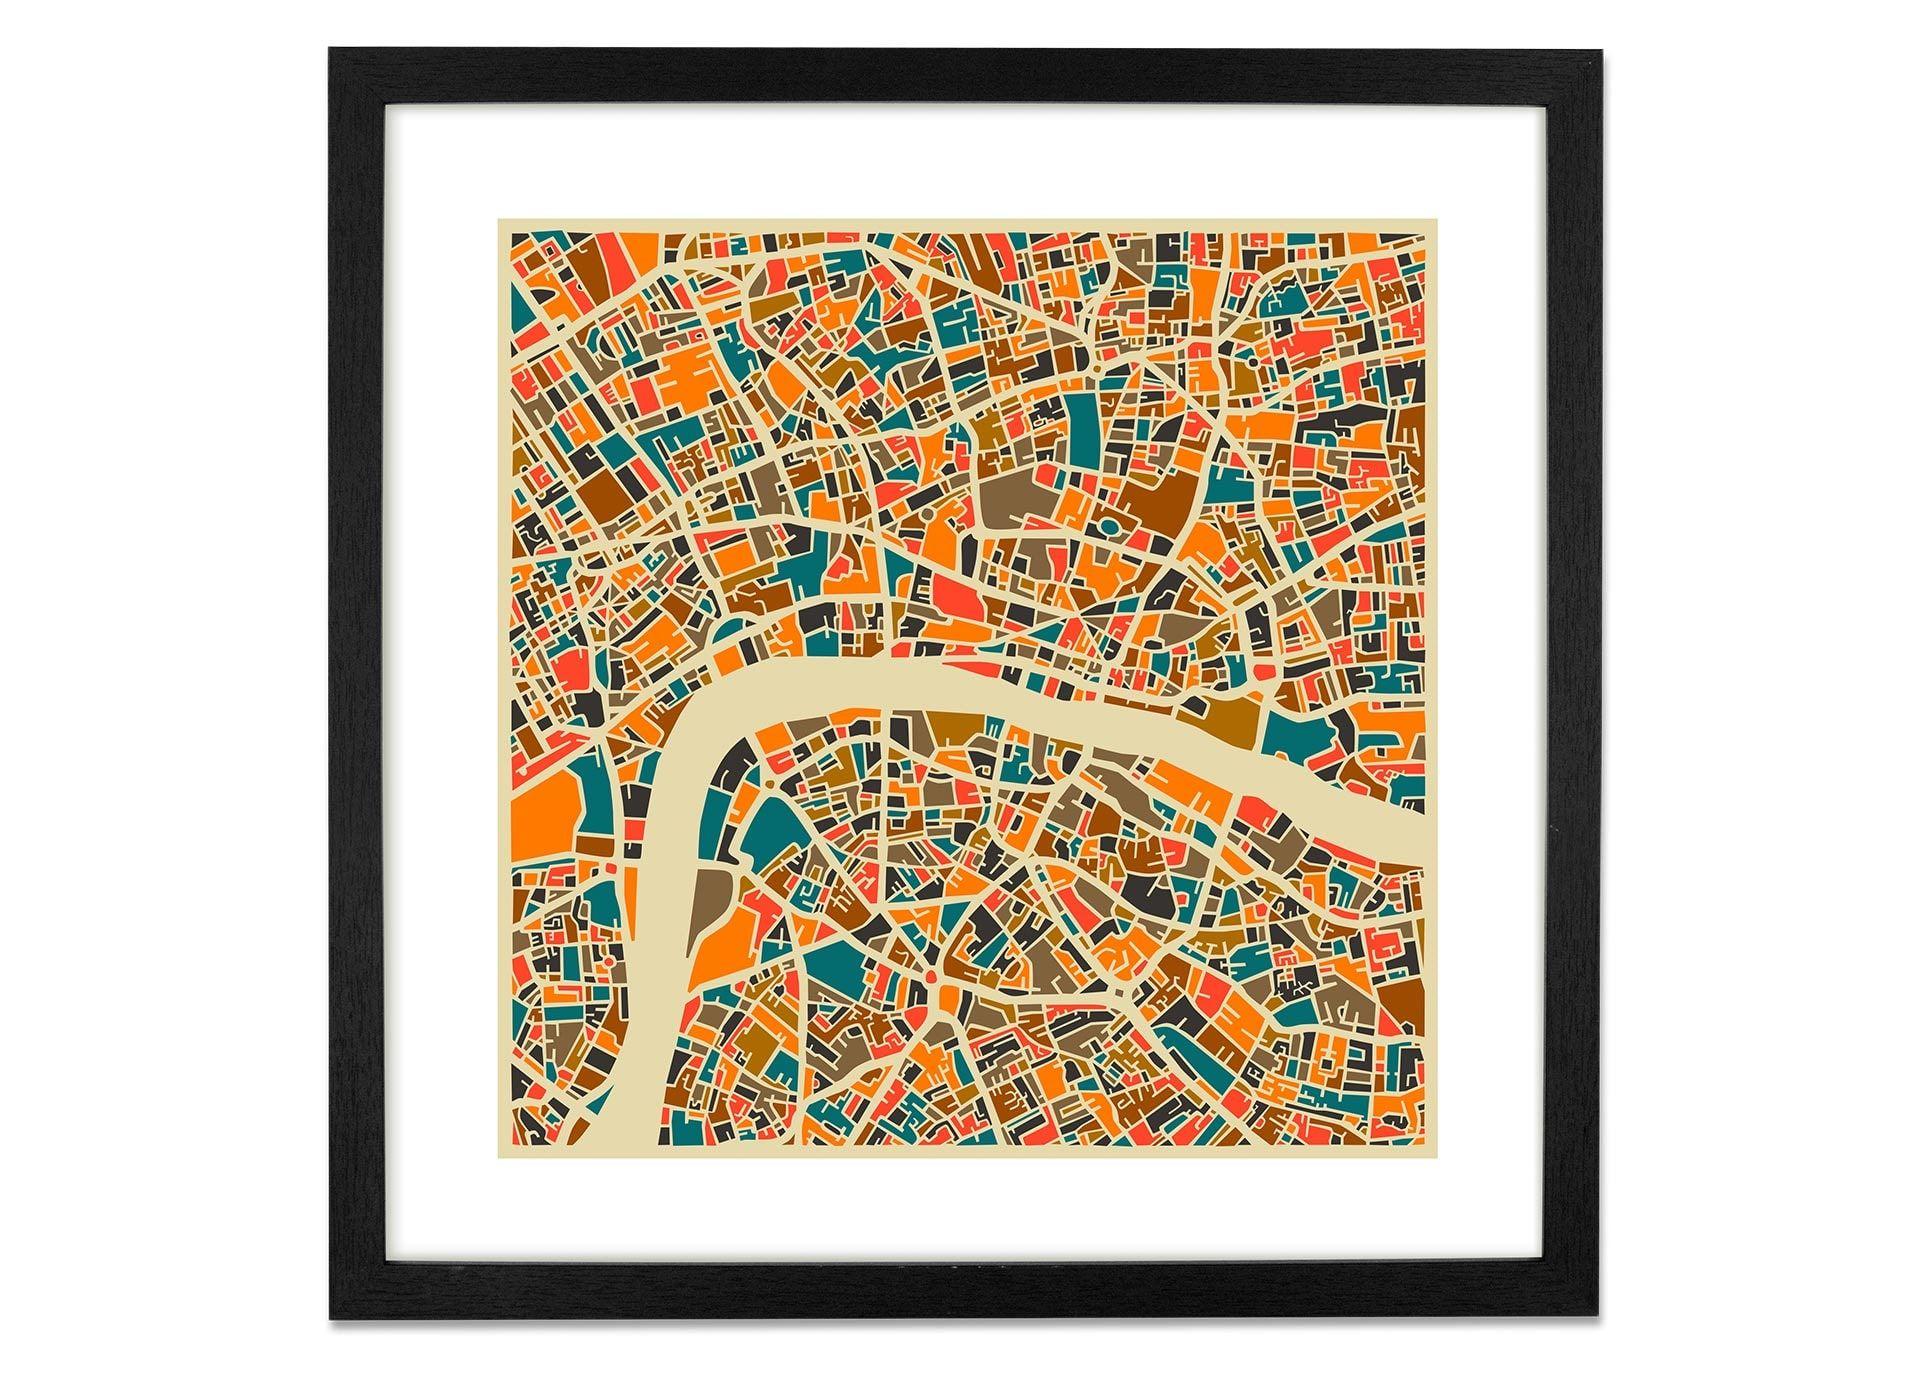 London Map von Jazzberry Blue, 50 x 50cm Gerahmte Kunstdrucke - MADE ...